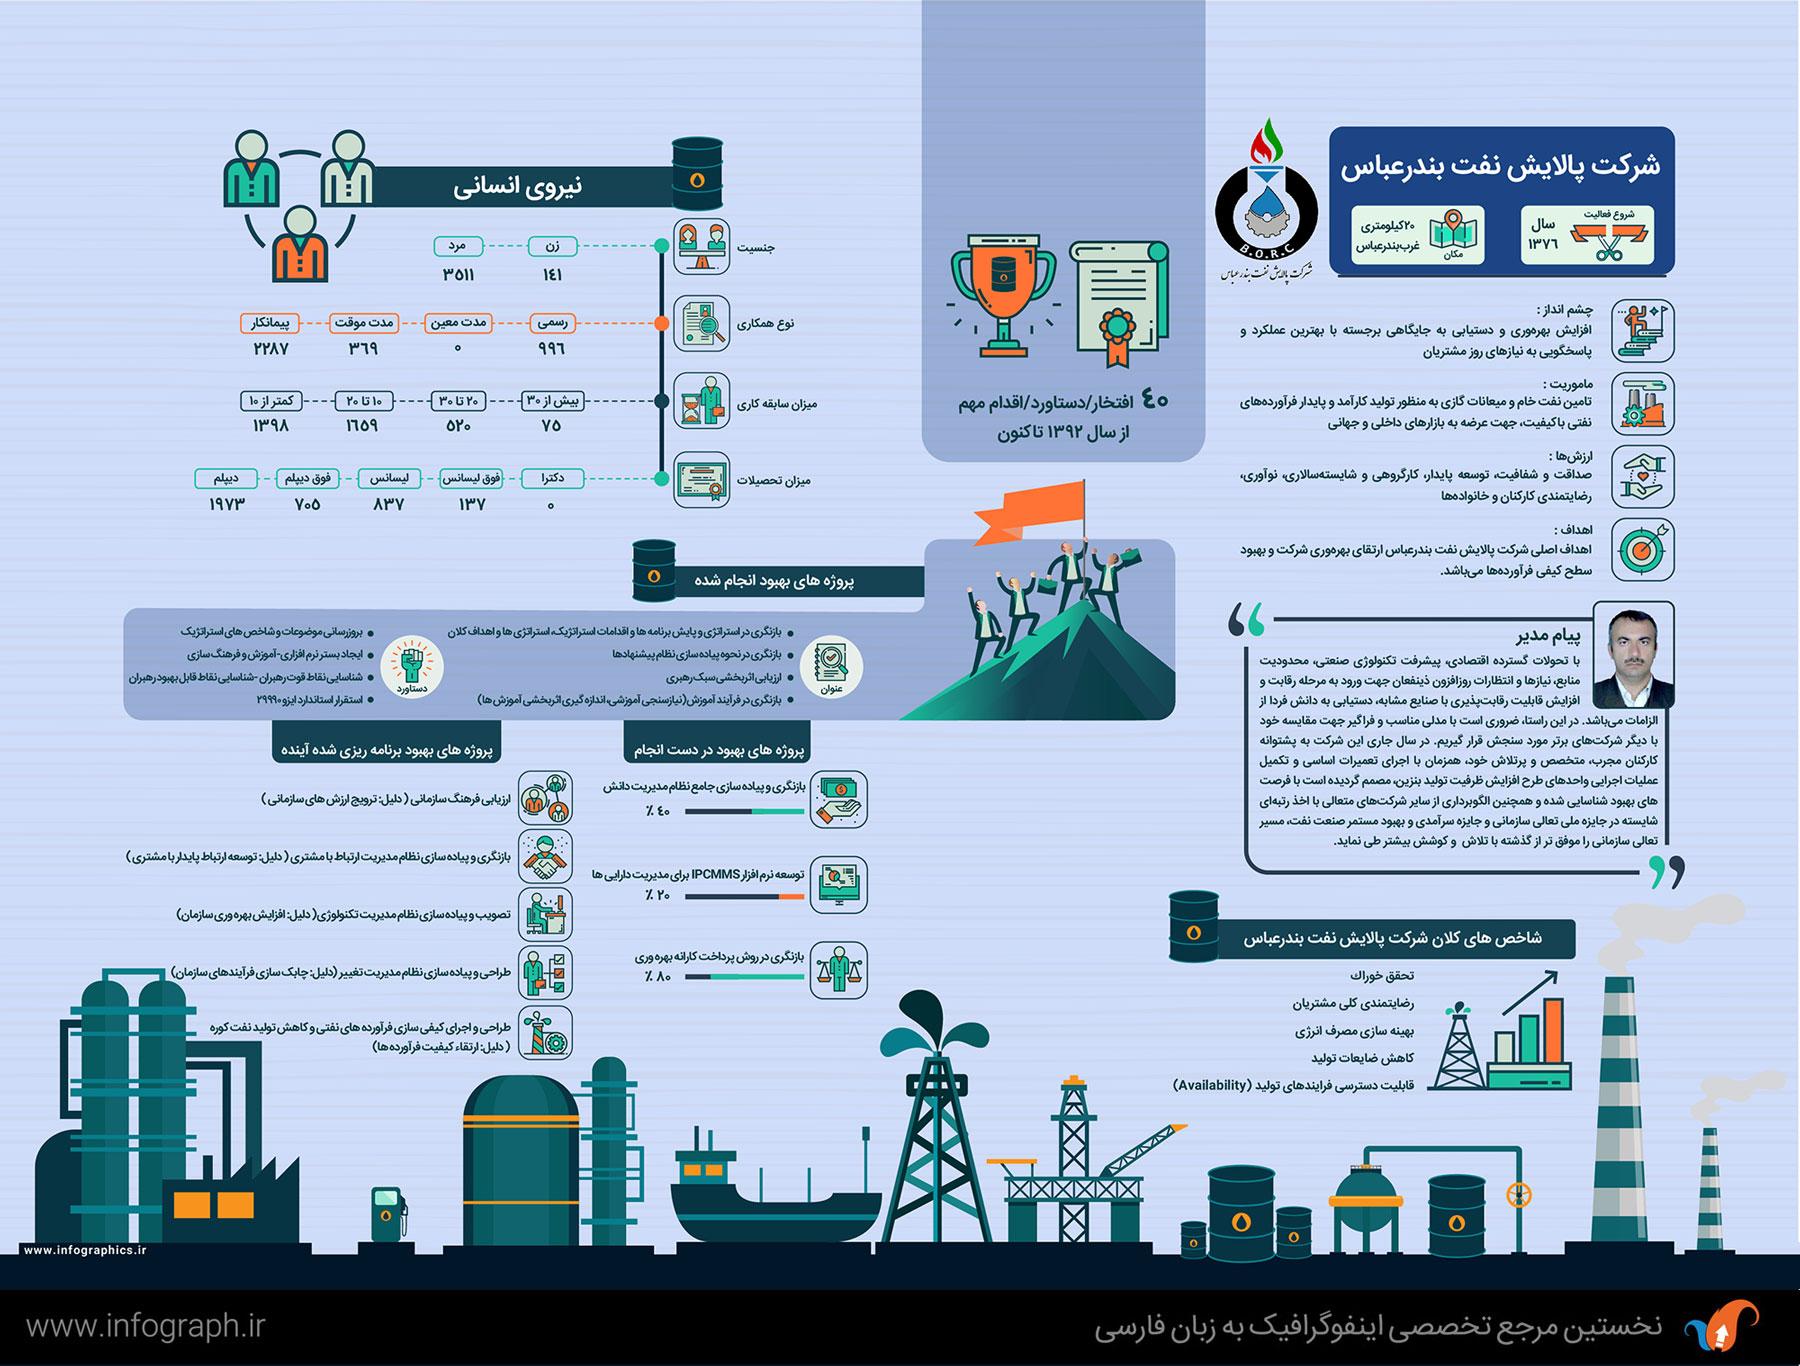 Bandar abbas Petrochemical